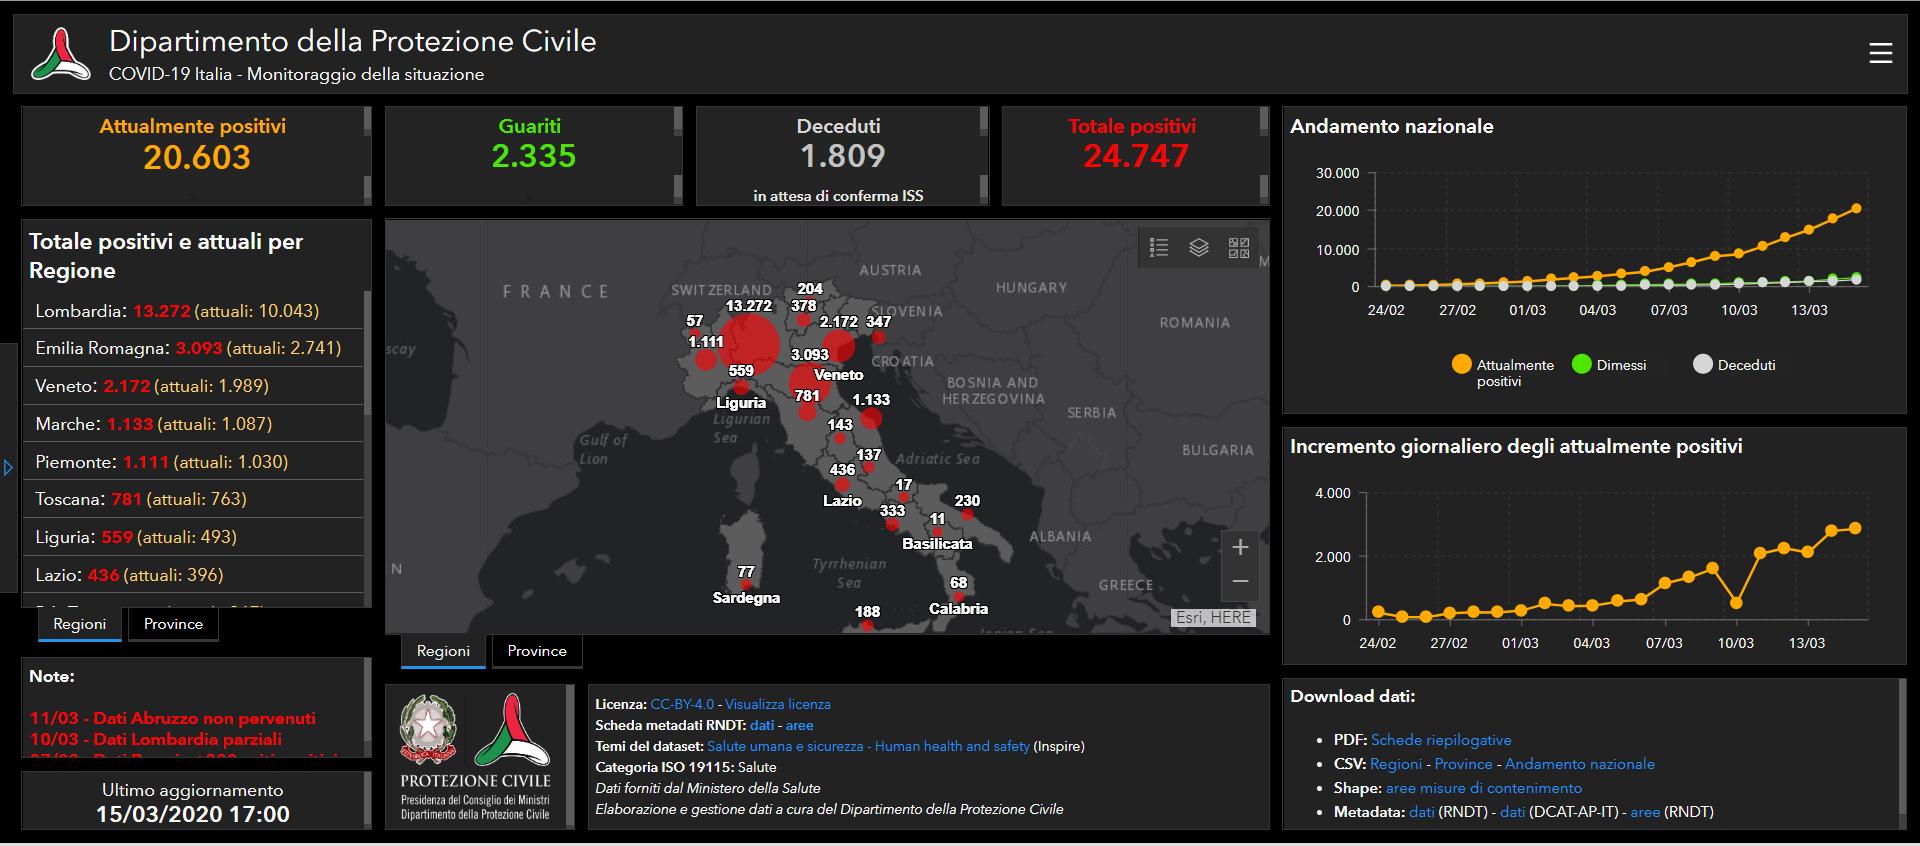 COVID-19 - Monitoraggio situazione